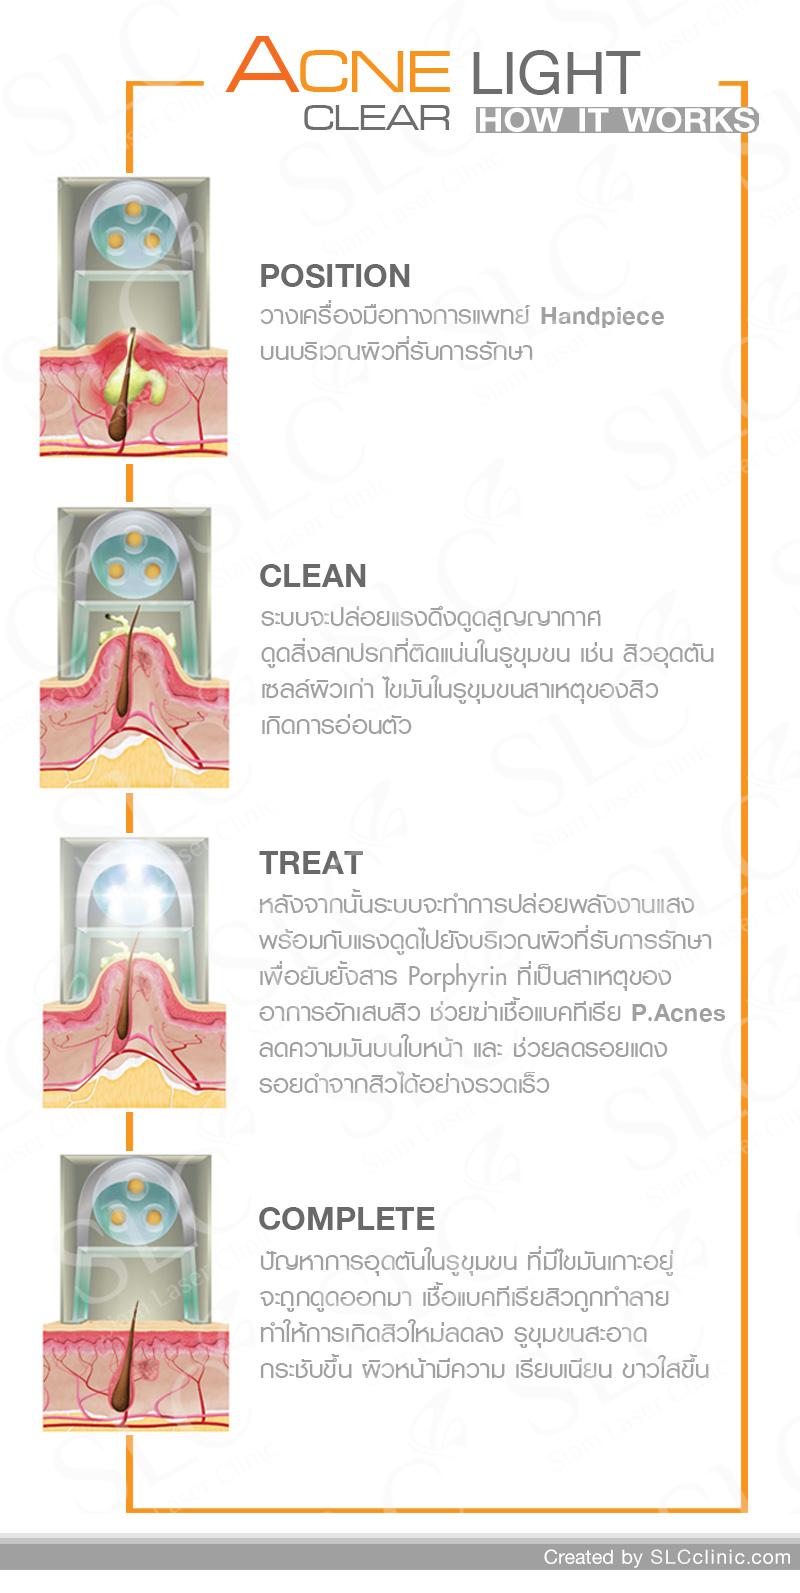 ขั้นตินการรักษาสิว SLC